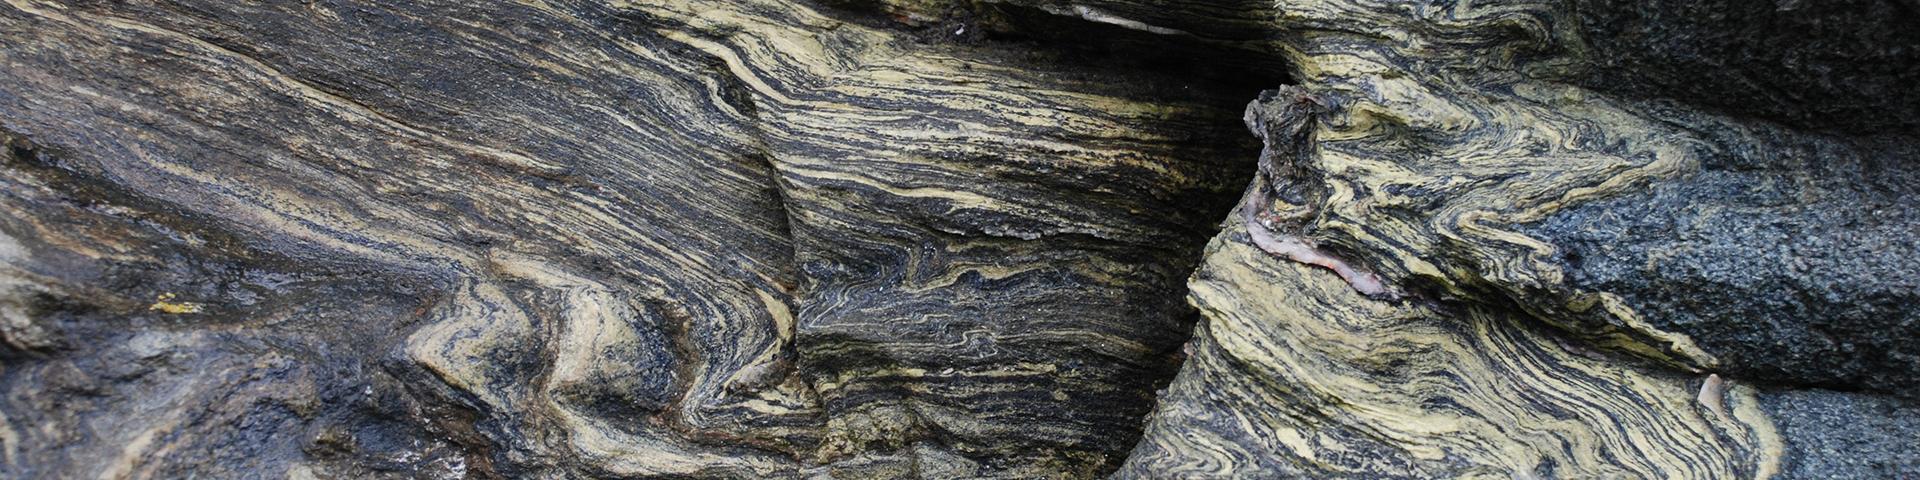 Folded shale, Morbihan